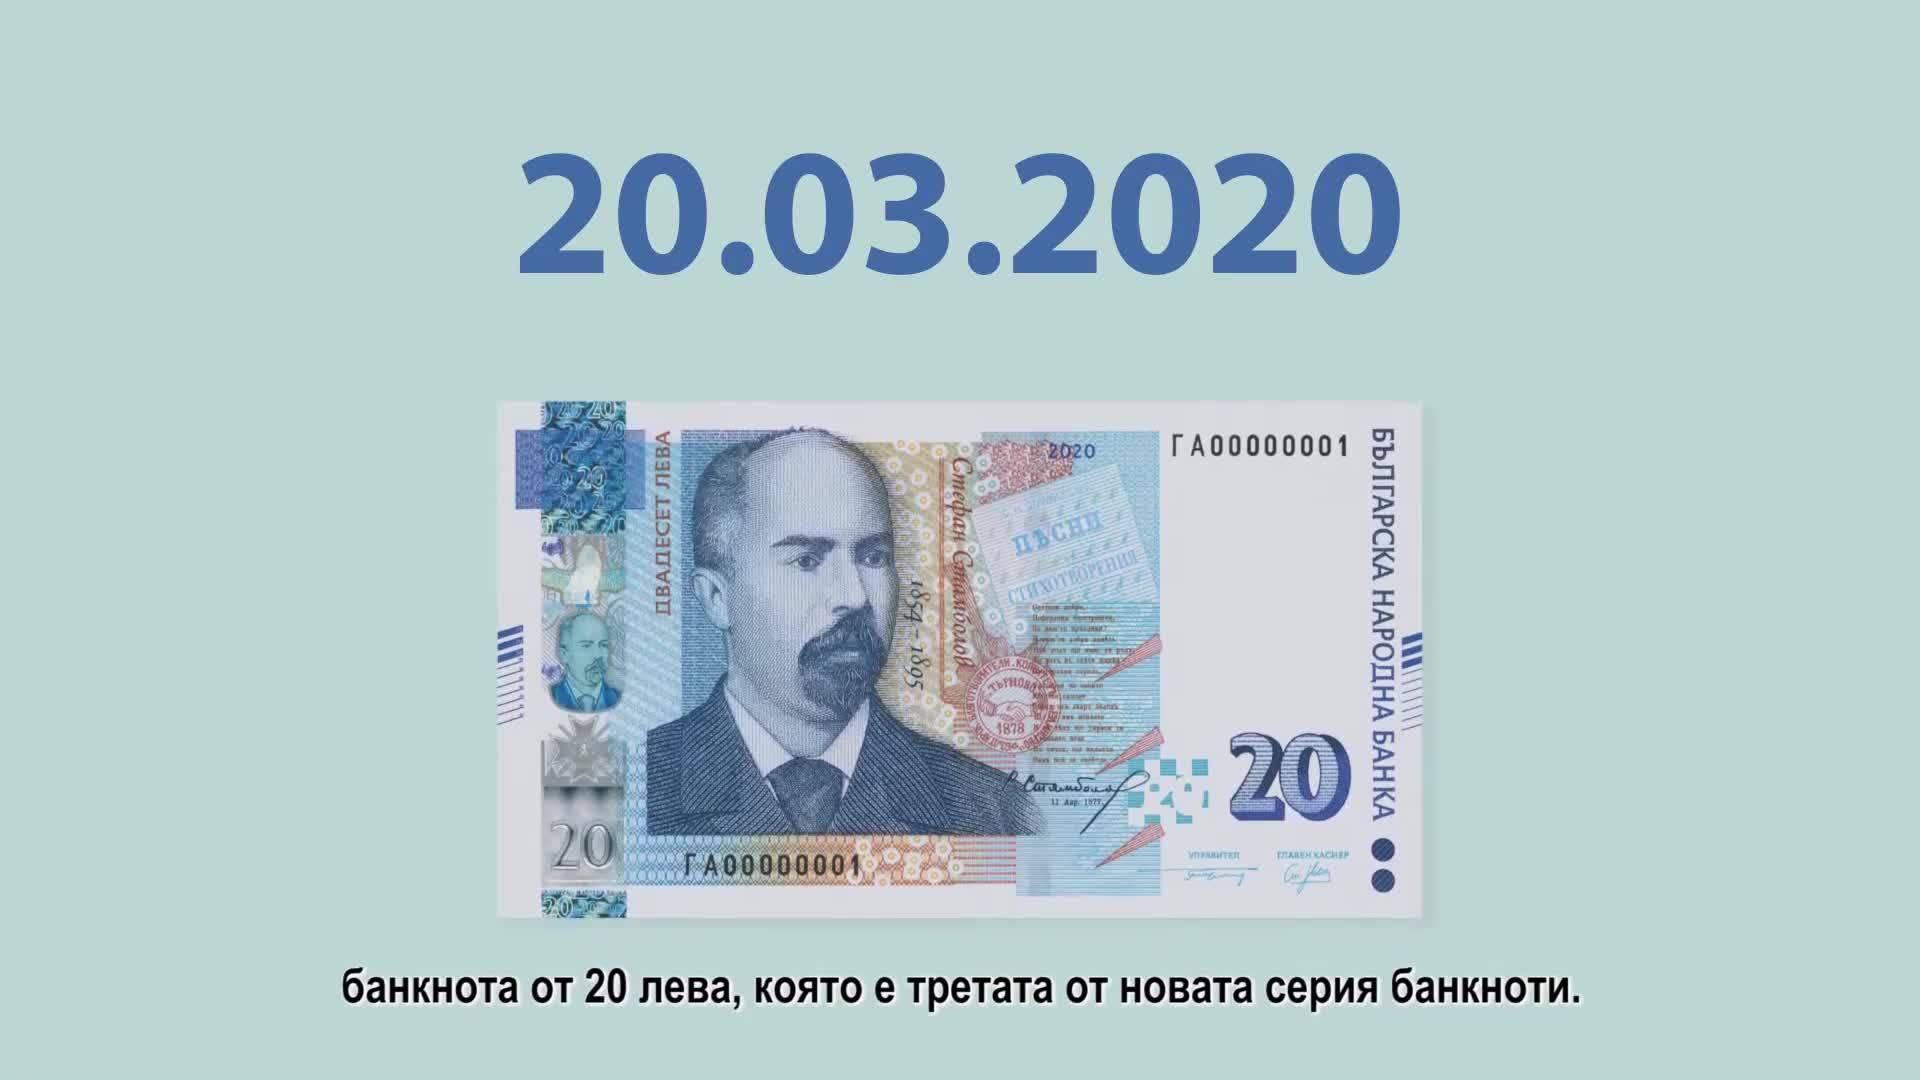 Нова серия банкноти от 20 лева